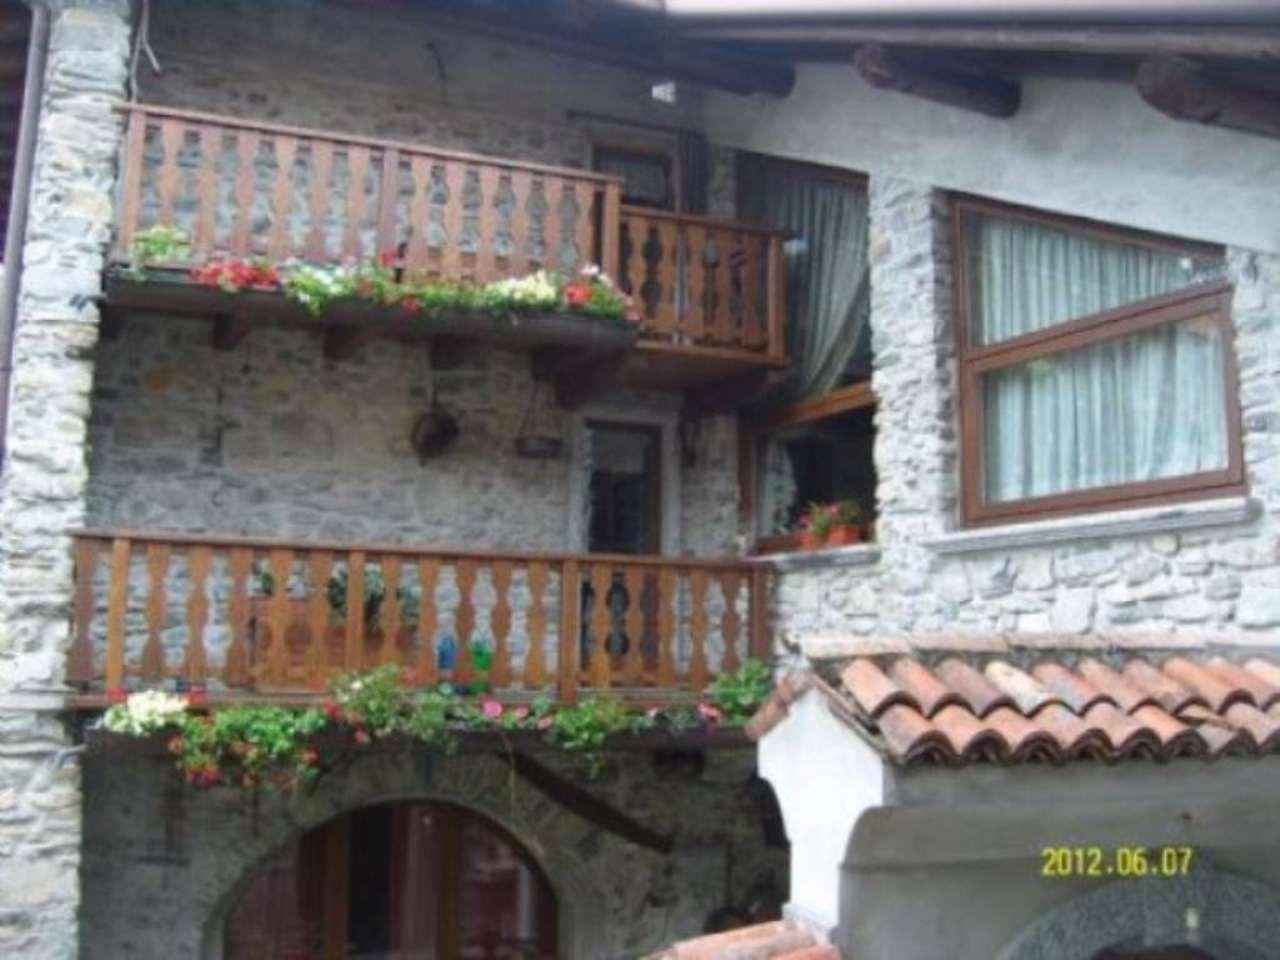 Casa indipendente di lusso in vendita a zelbio via vidini for Vendita case lusso